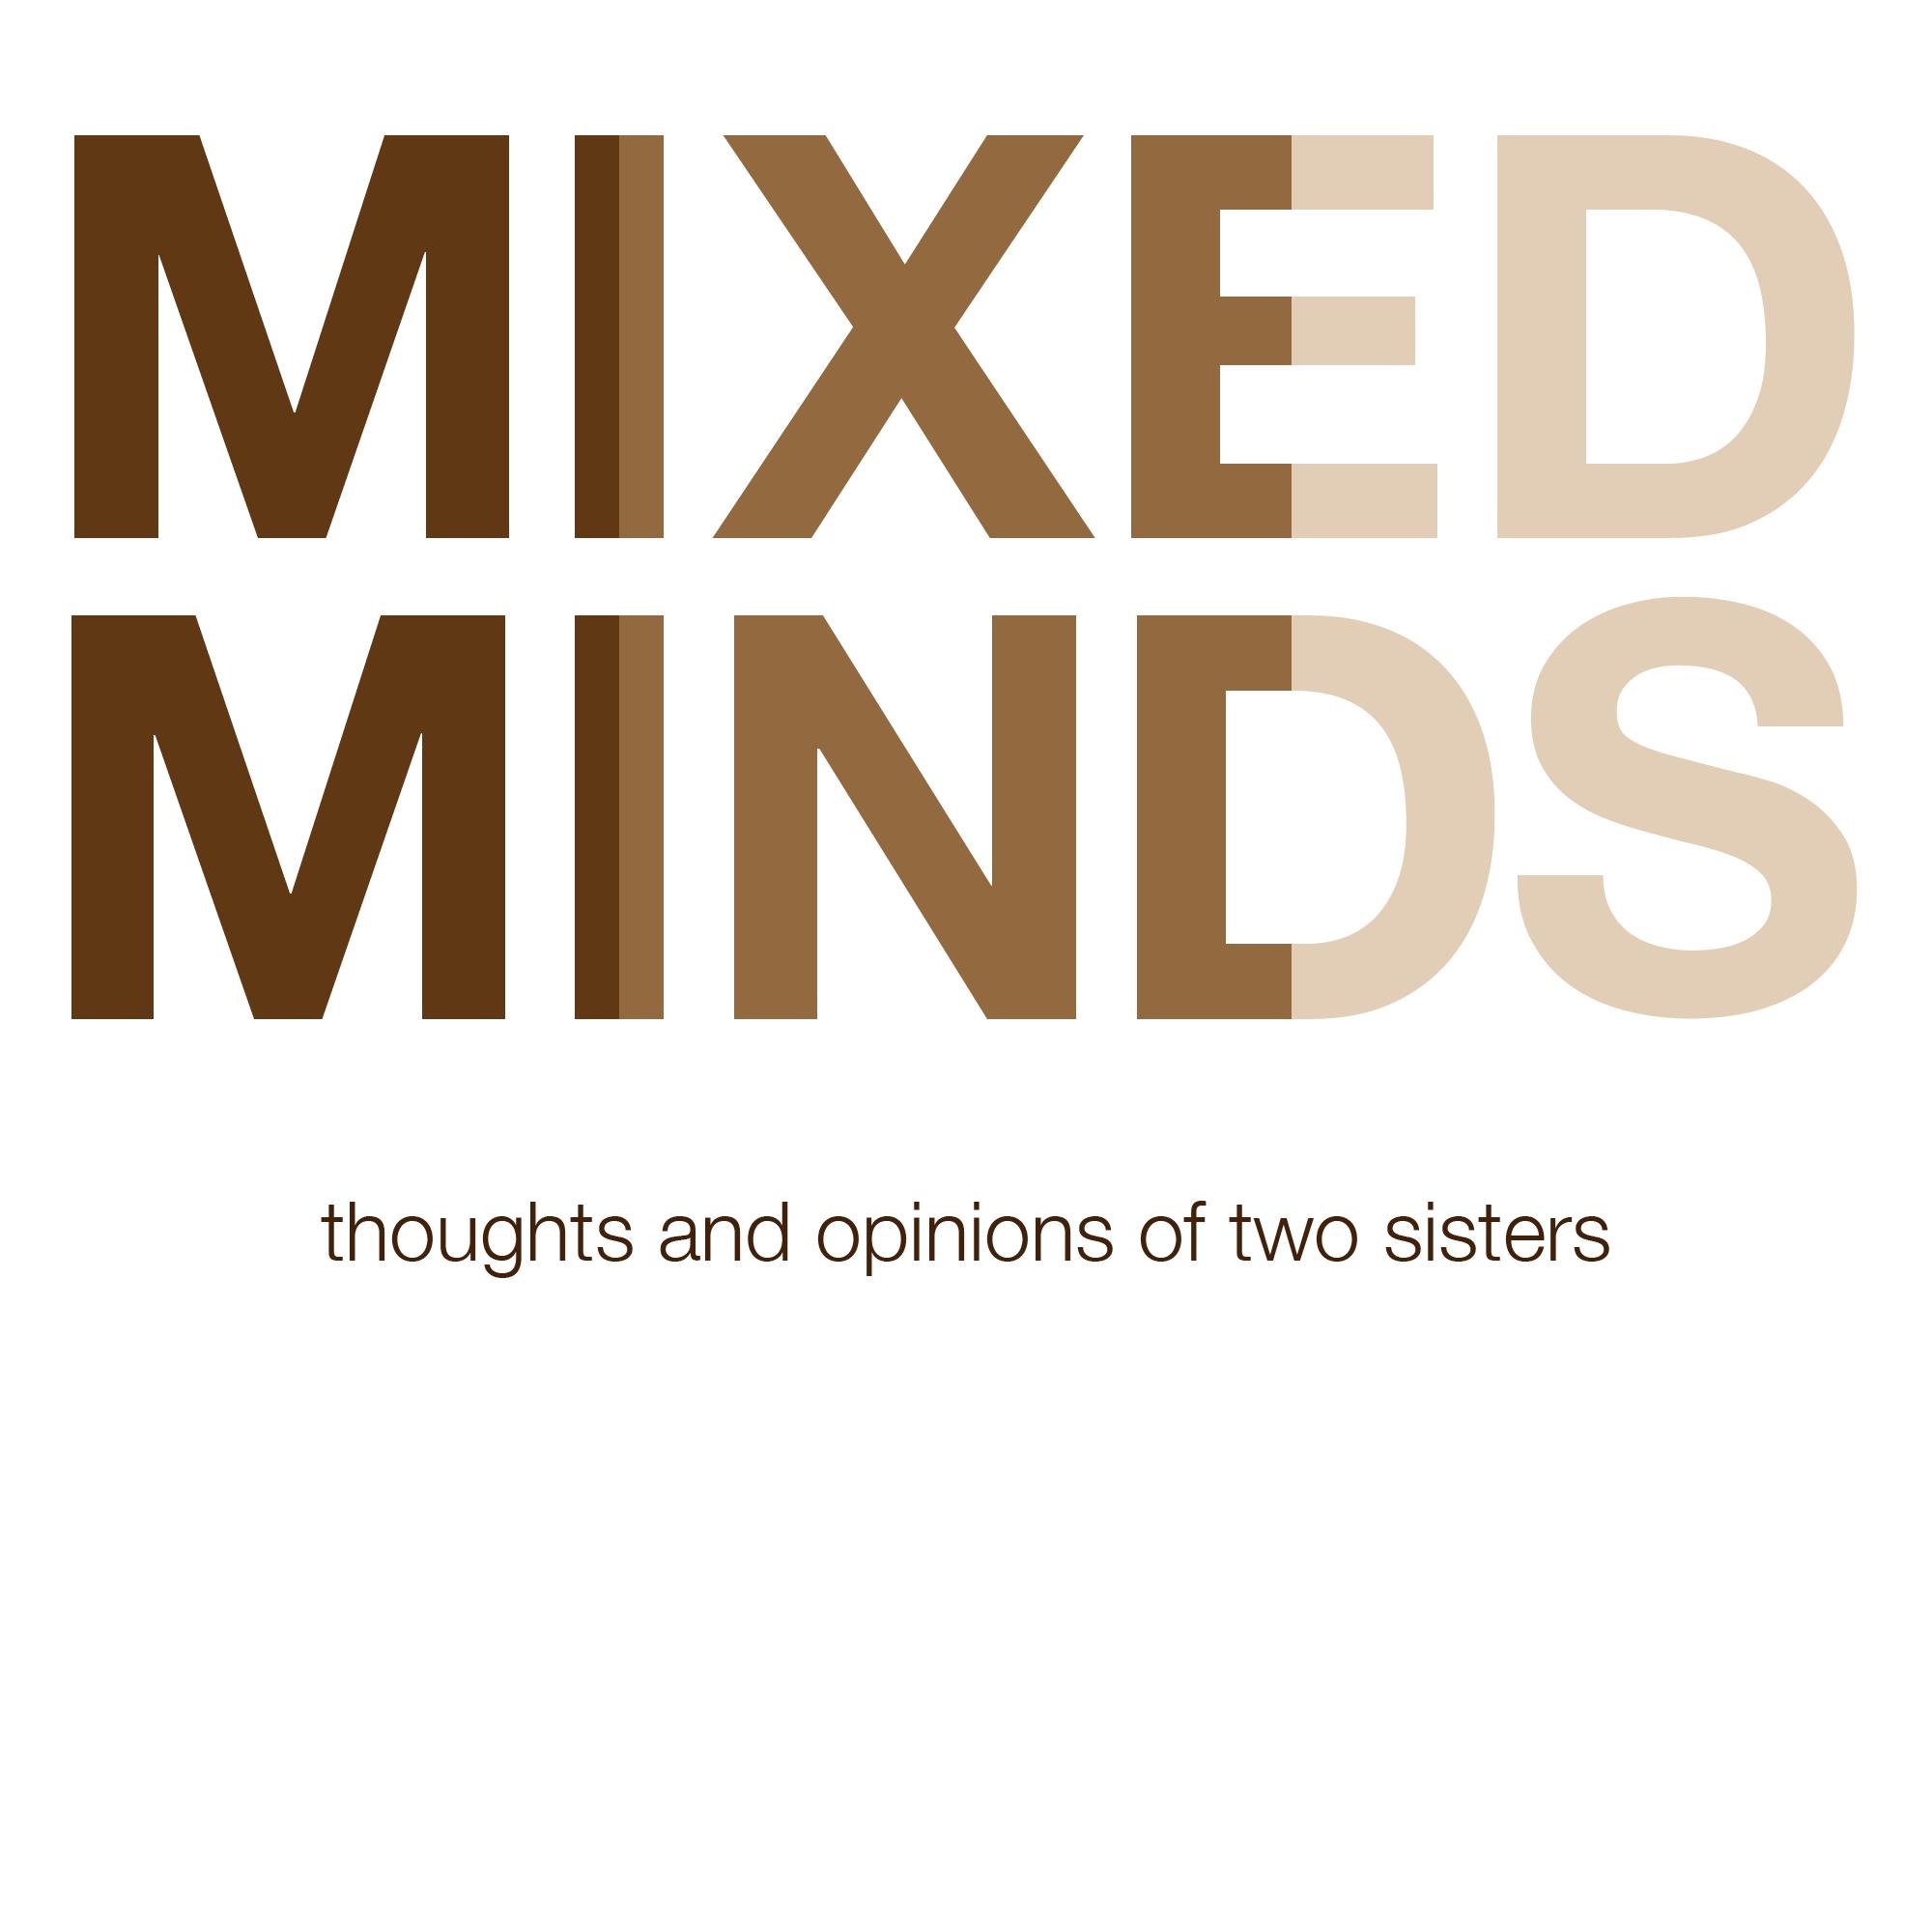 MixedMindsCoverArt_Letterforms copy 5